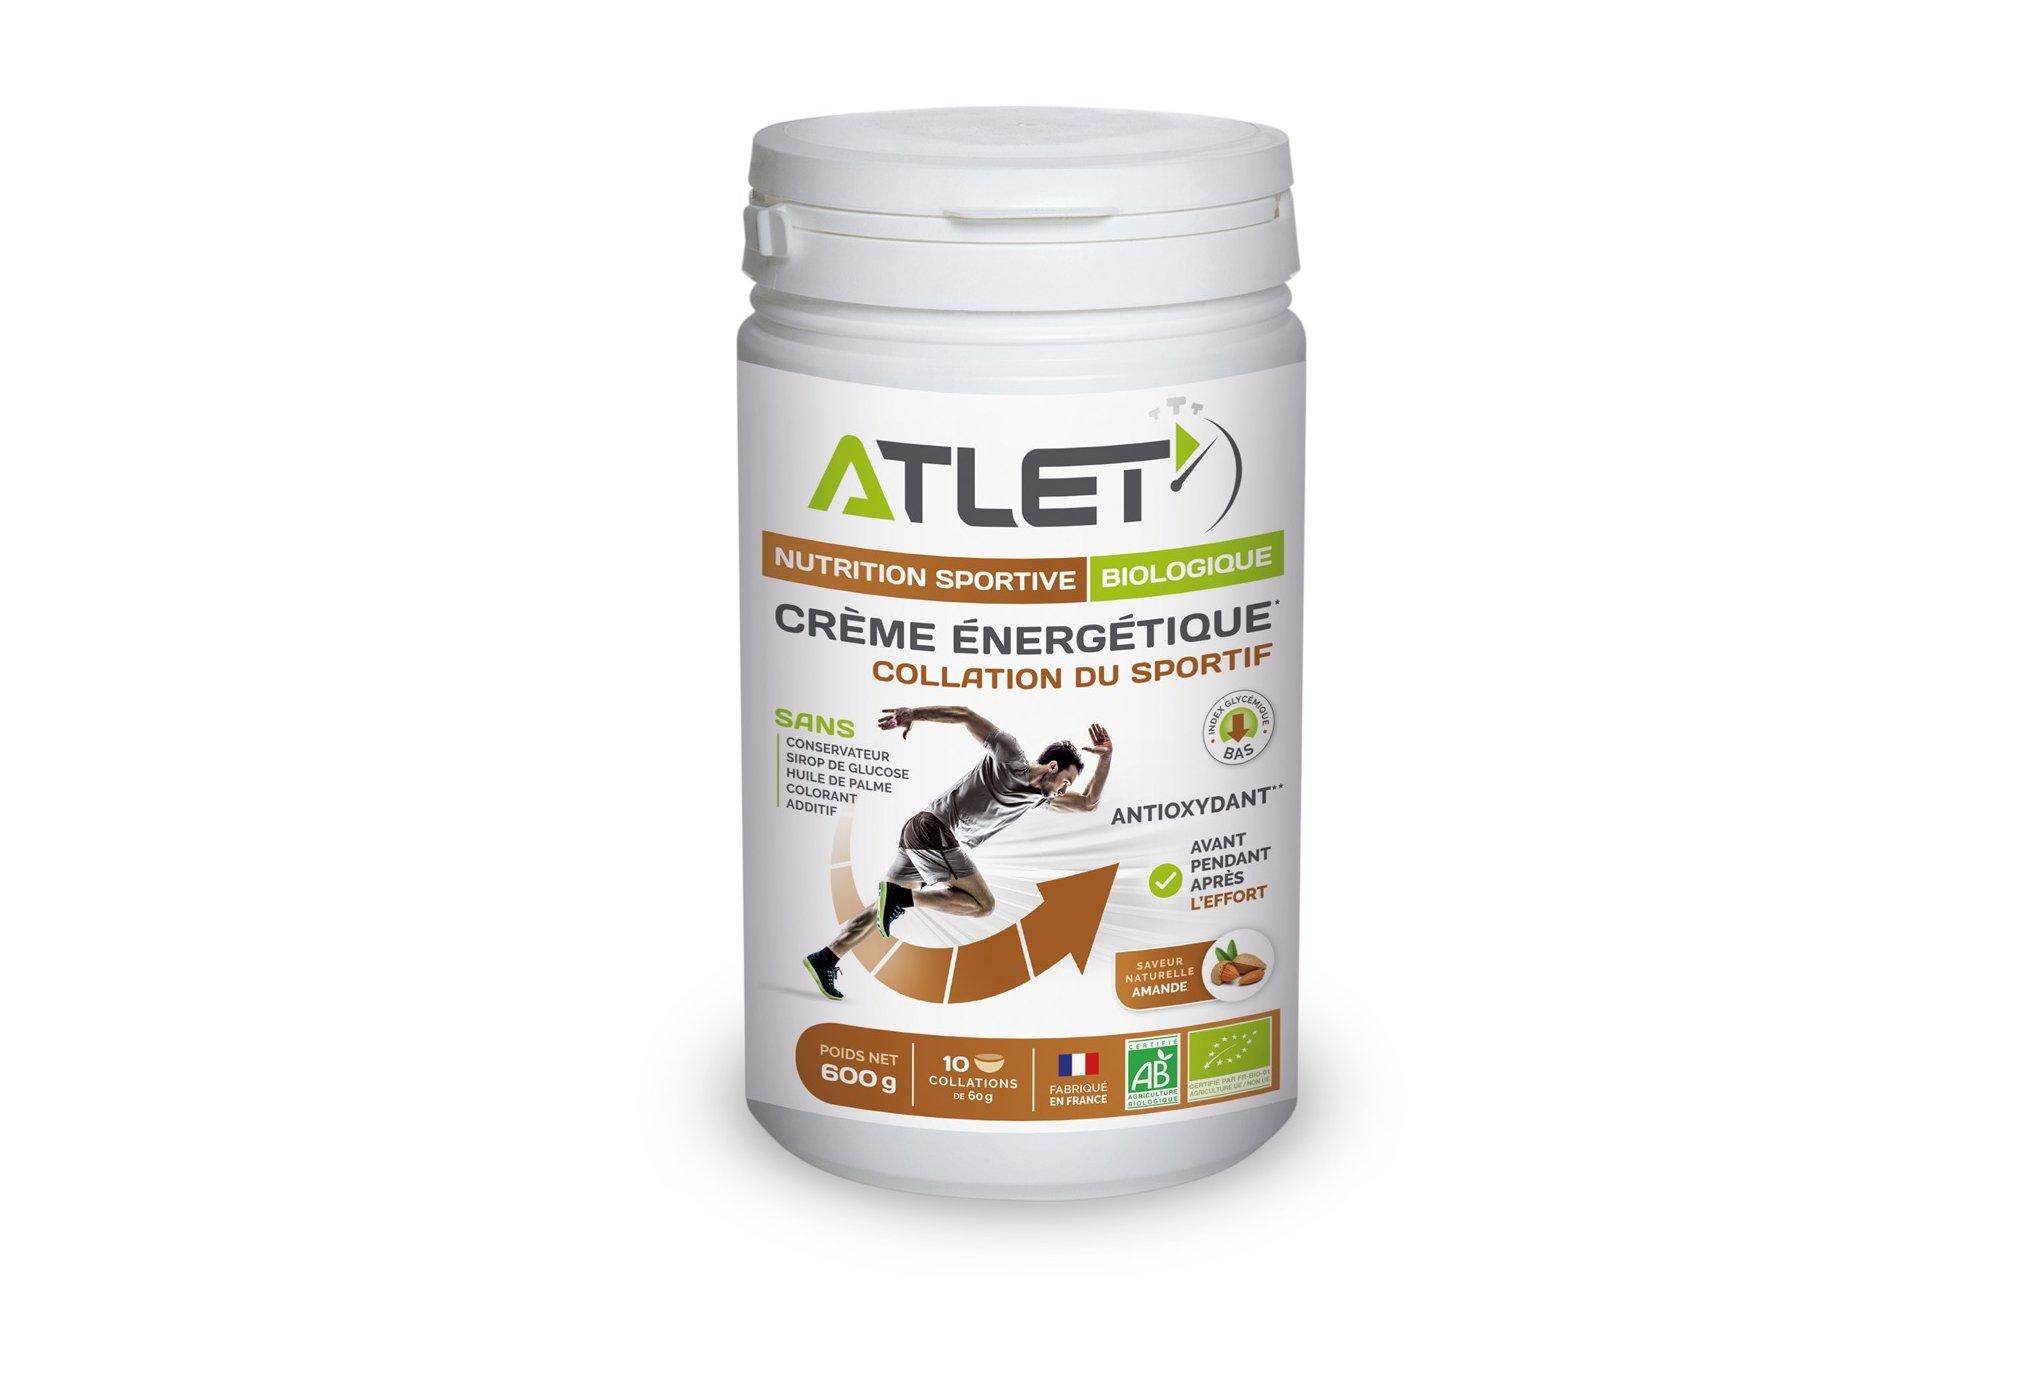 Atlet Crème Énergétique - Amande Diététique Préparation